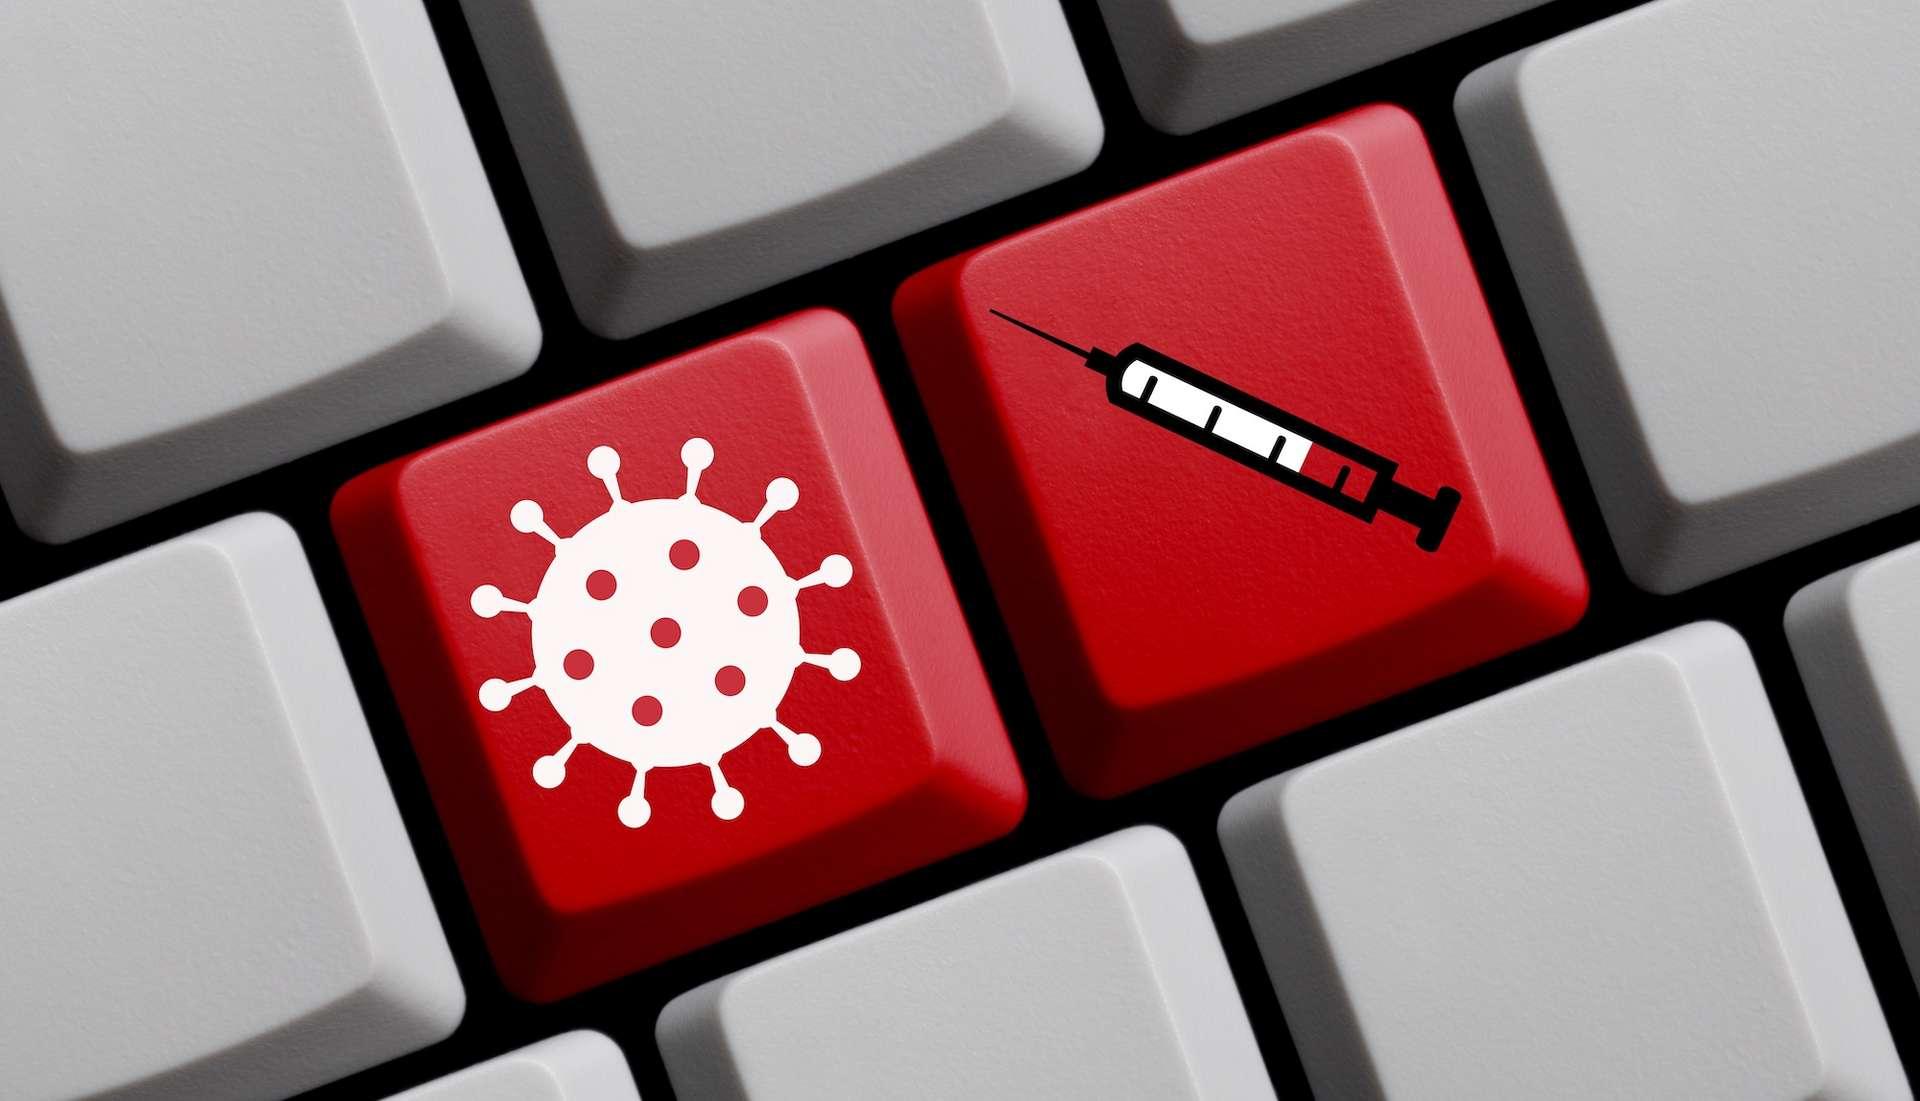 L'essai clinique du vaccin d'AstraZeneca a été brusquement stoppé après la découverte d'un possible cas grave d'effet secondaire. © kebox, Adobe Stock